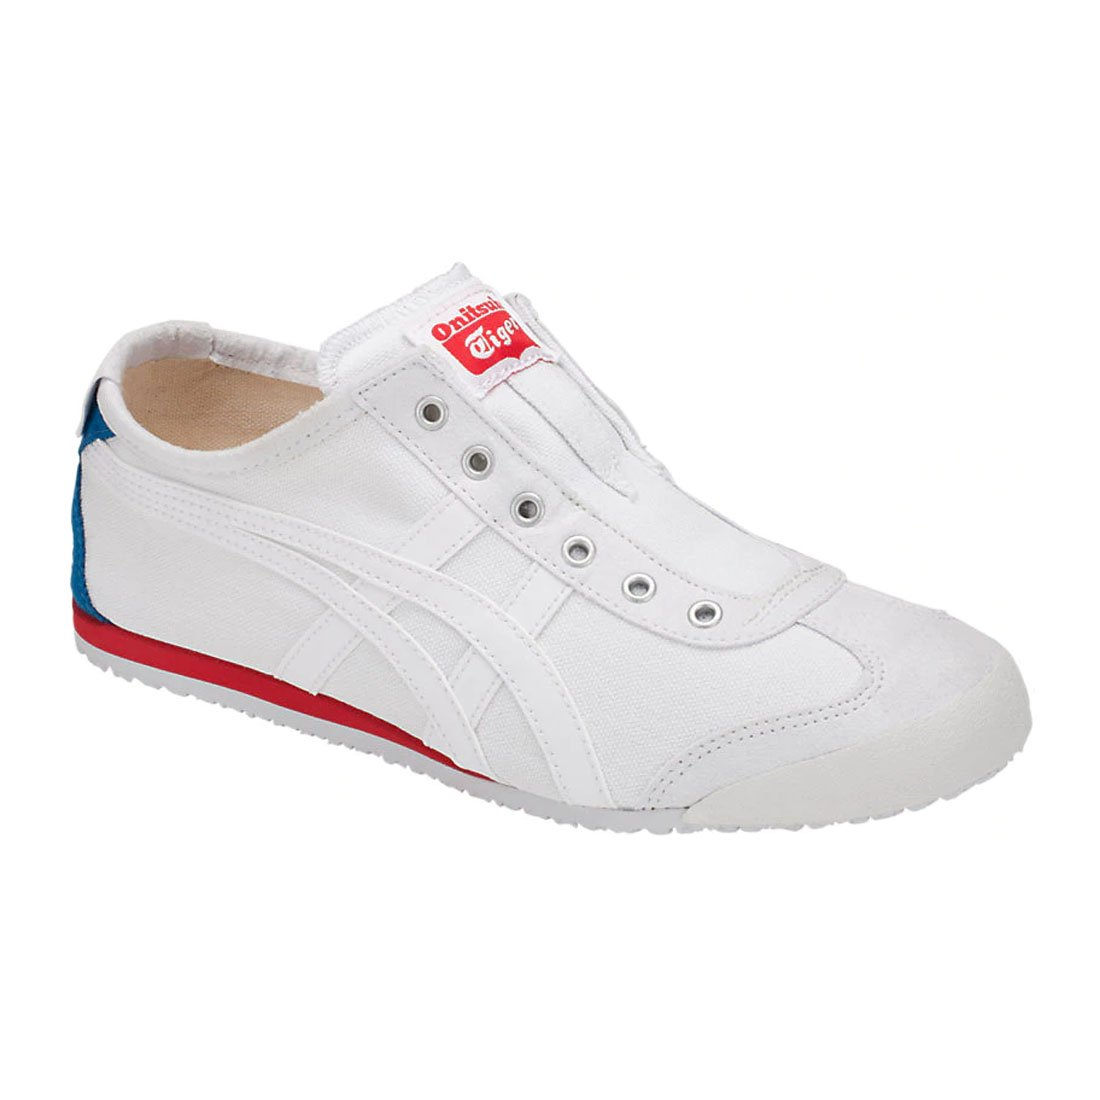 Onitsuka Tiger Mexico 66 Slip-On Classic Running Sneaker B07DRKWV6S 9.5 M US Women / 8 M US Men|White/White 2